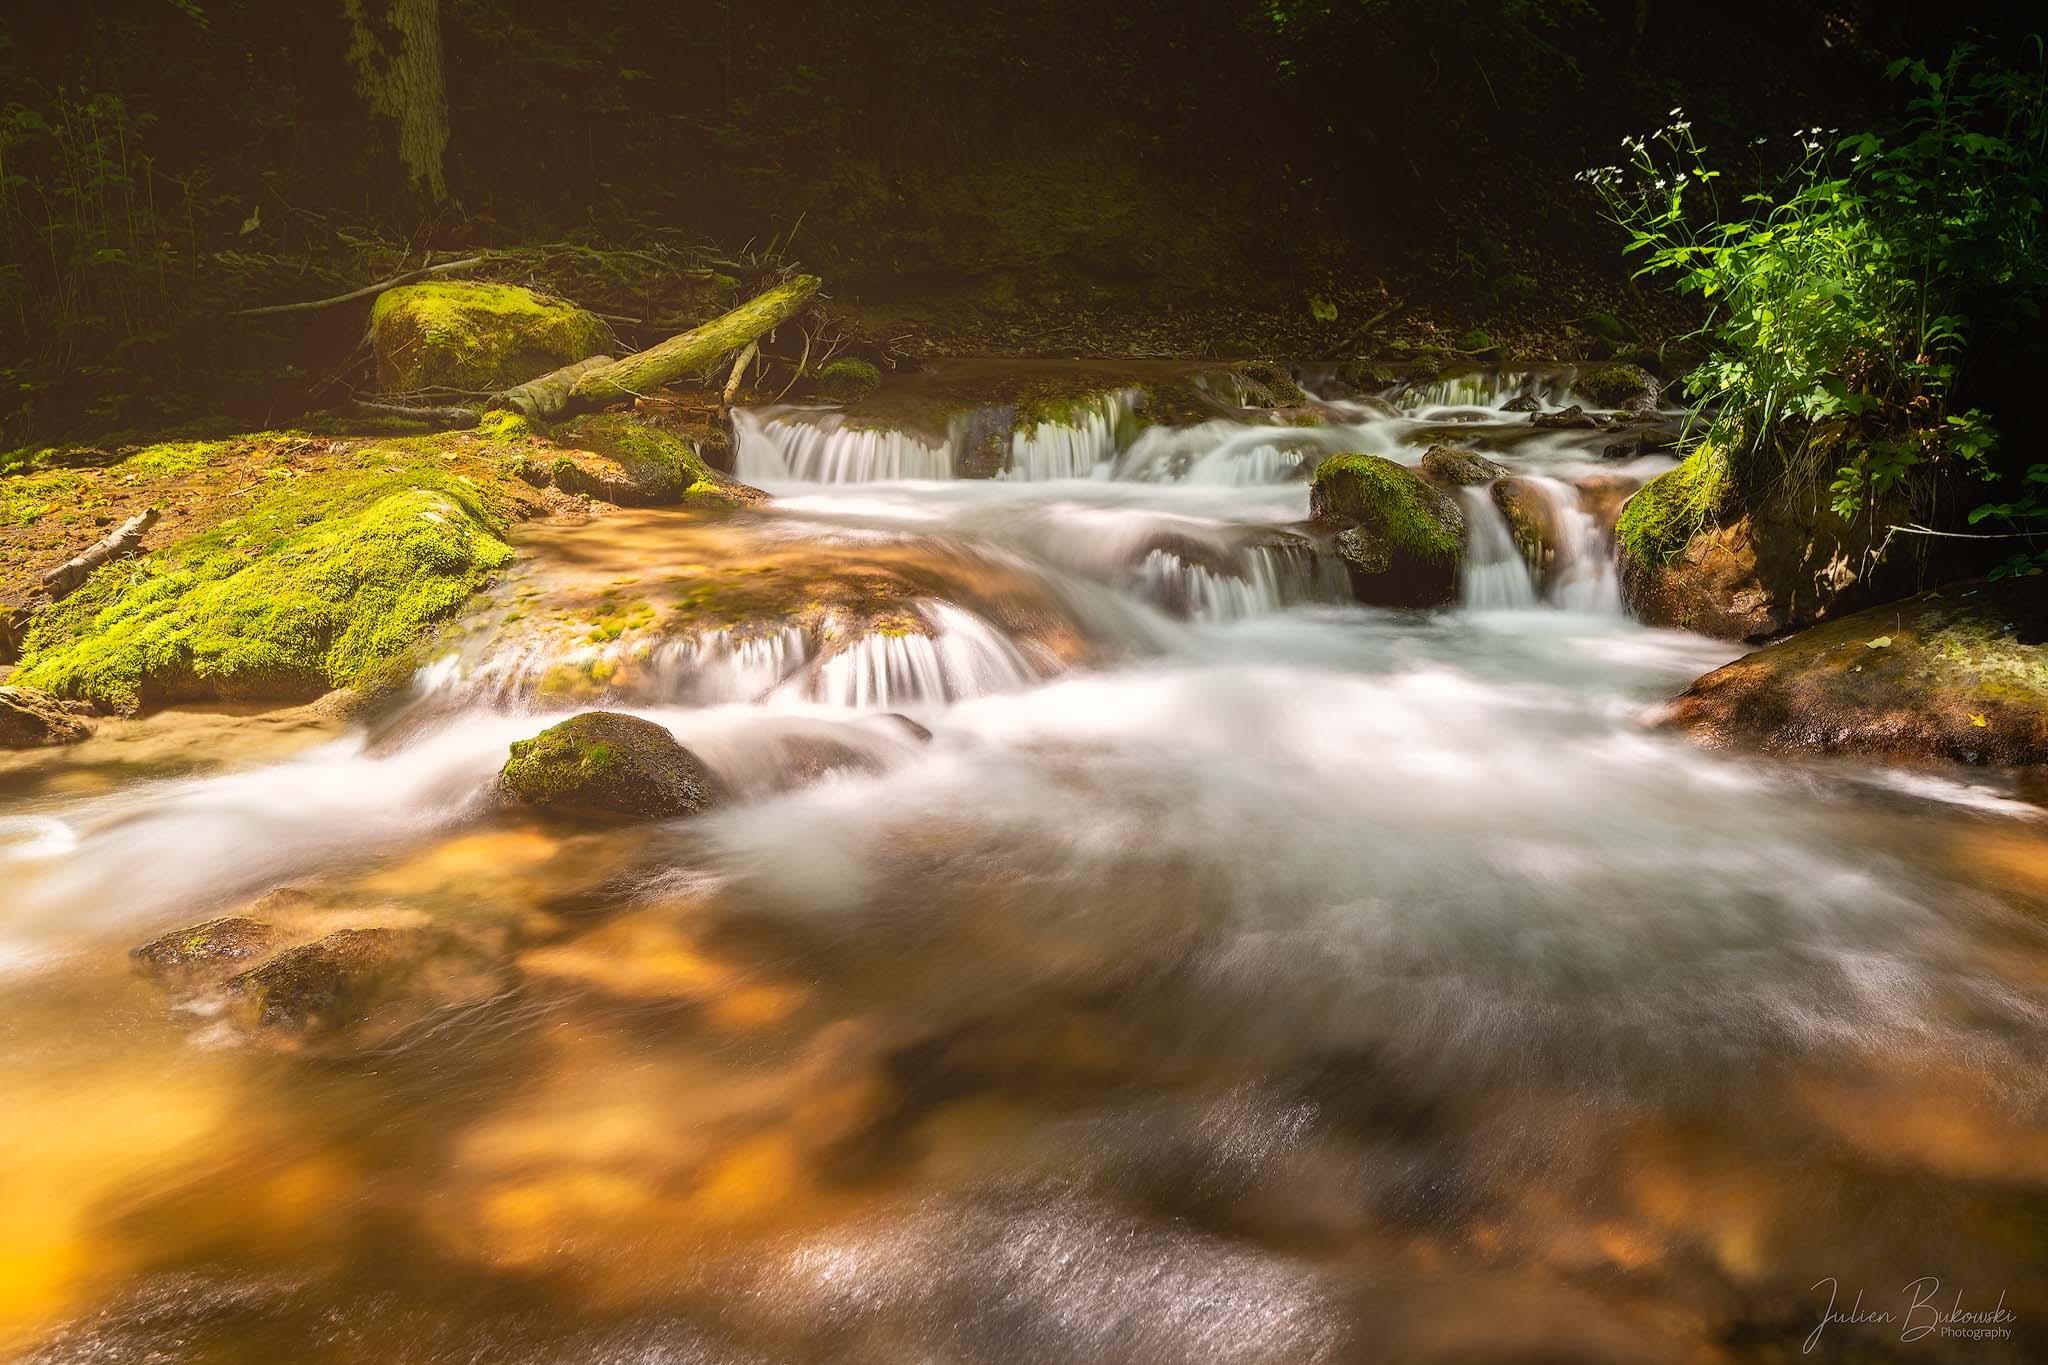 Light in river (Chute du Dard - Suisse)